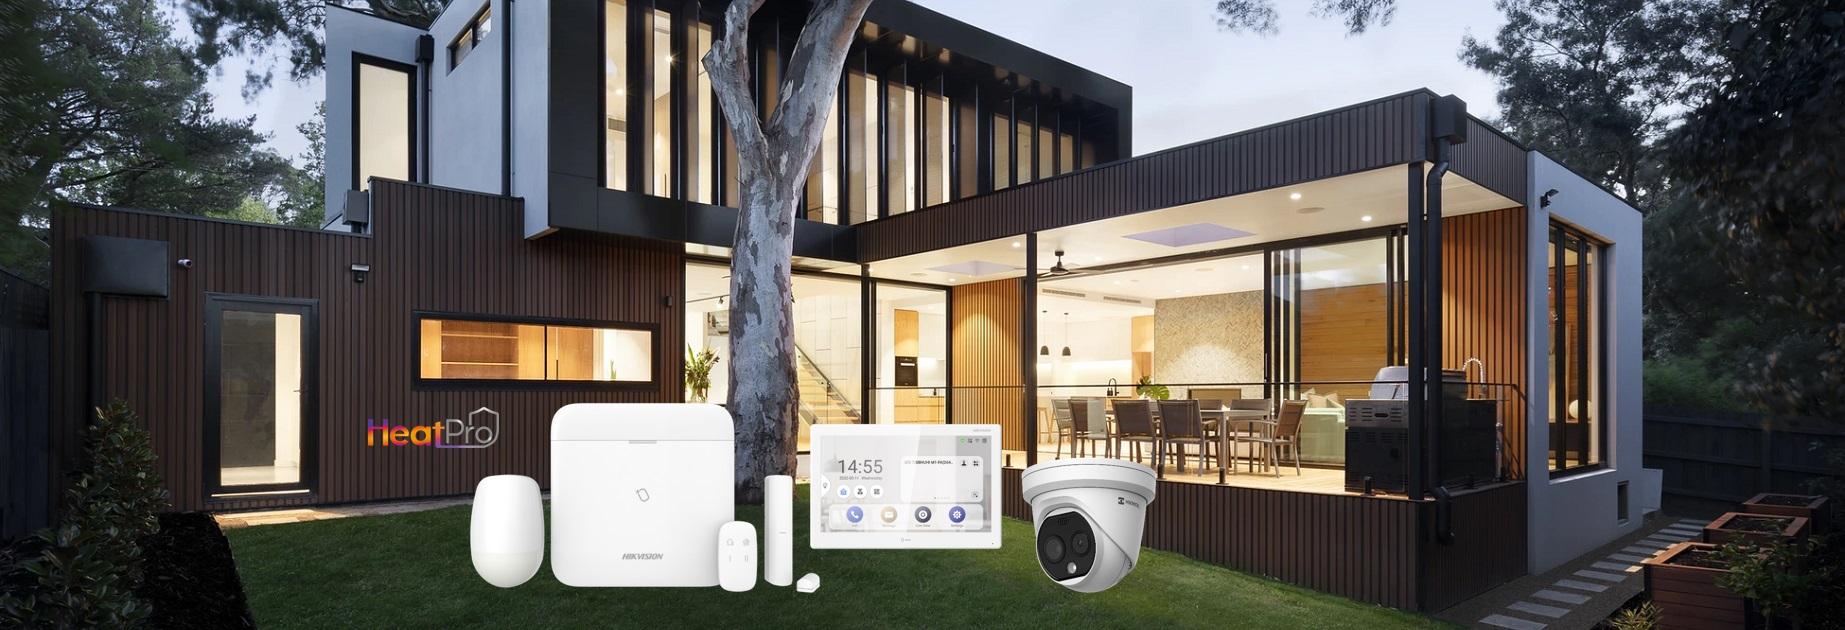 Kit Hikvision AX Pro + HeatPro